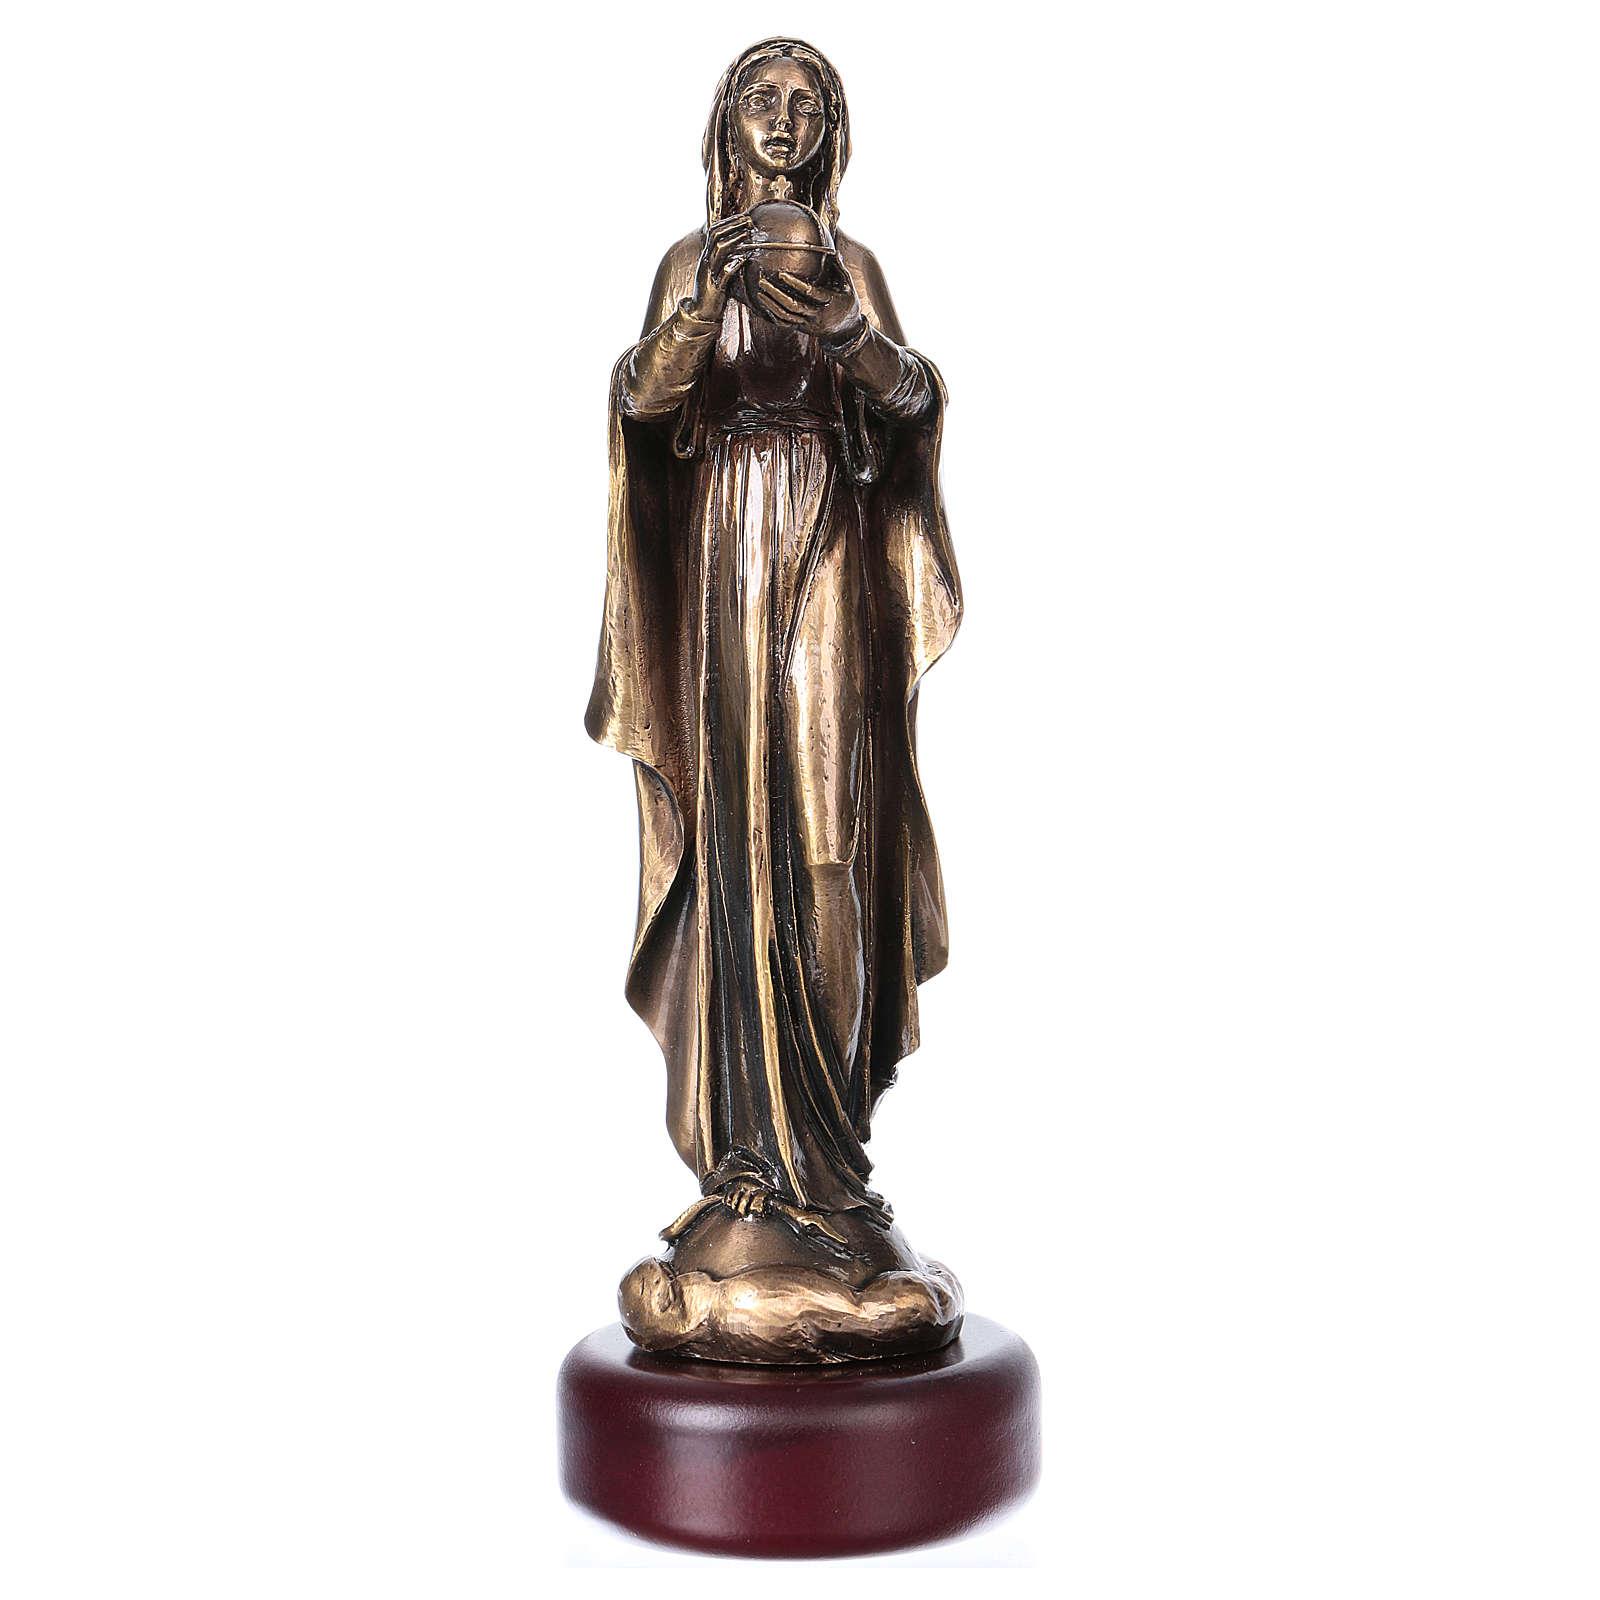 Madonna statua resina color metallo bronzato 16 cm 4